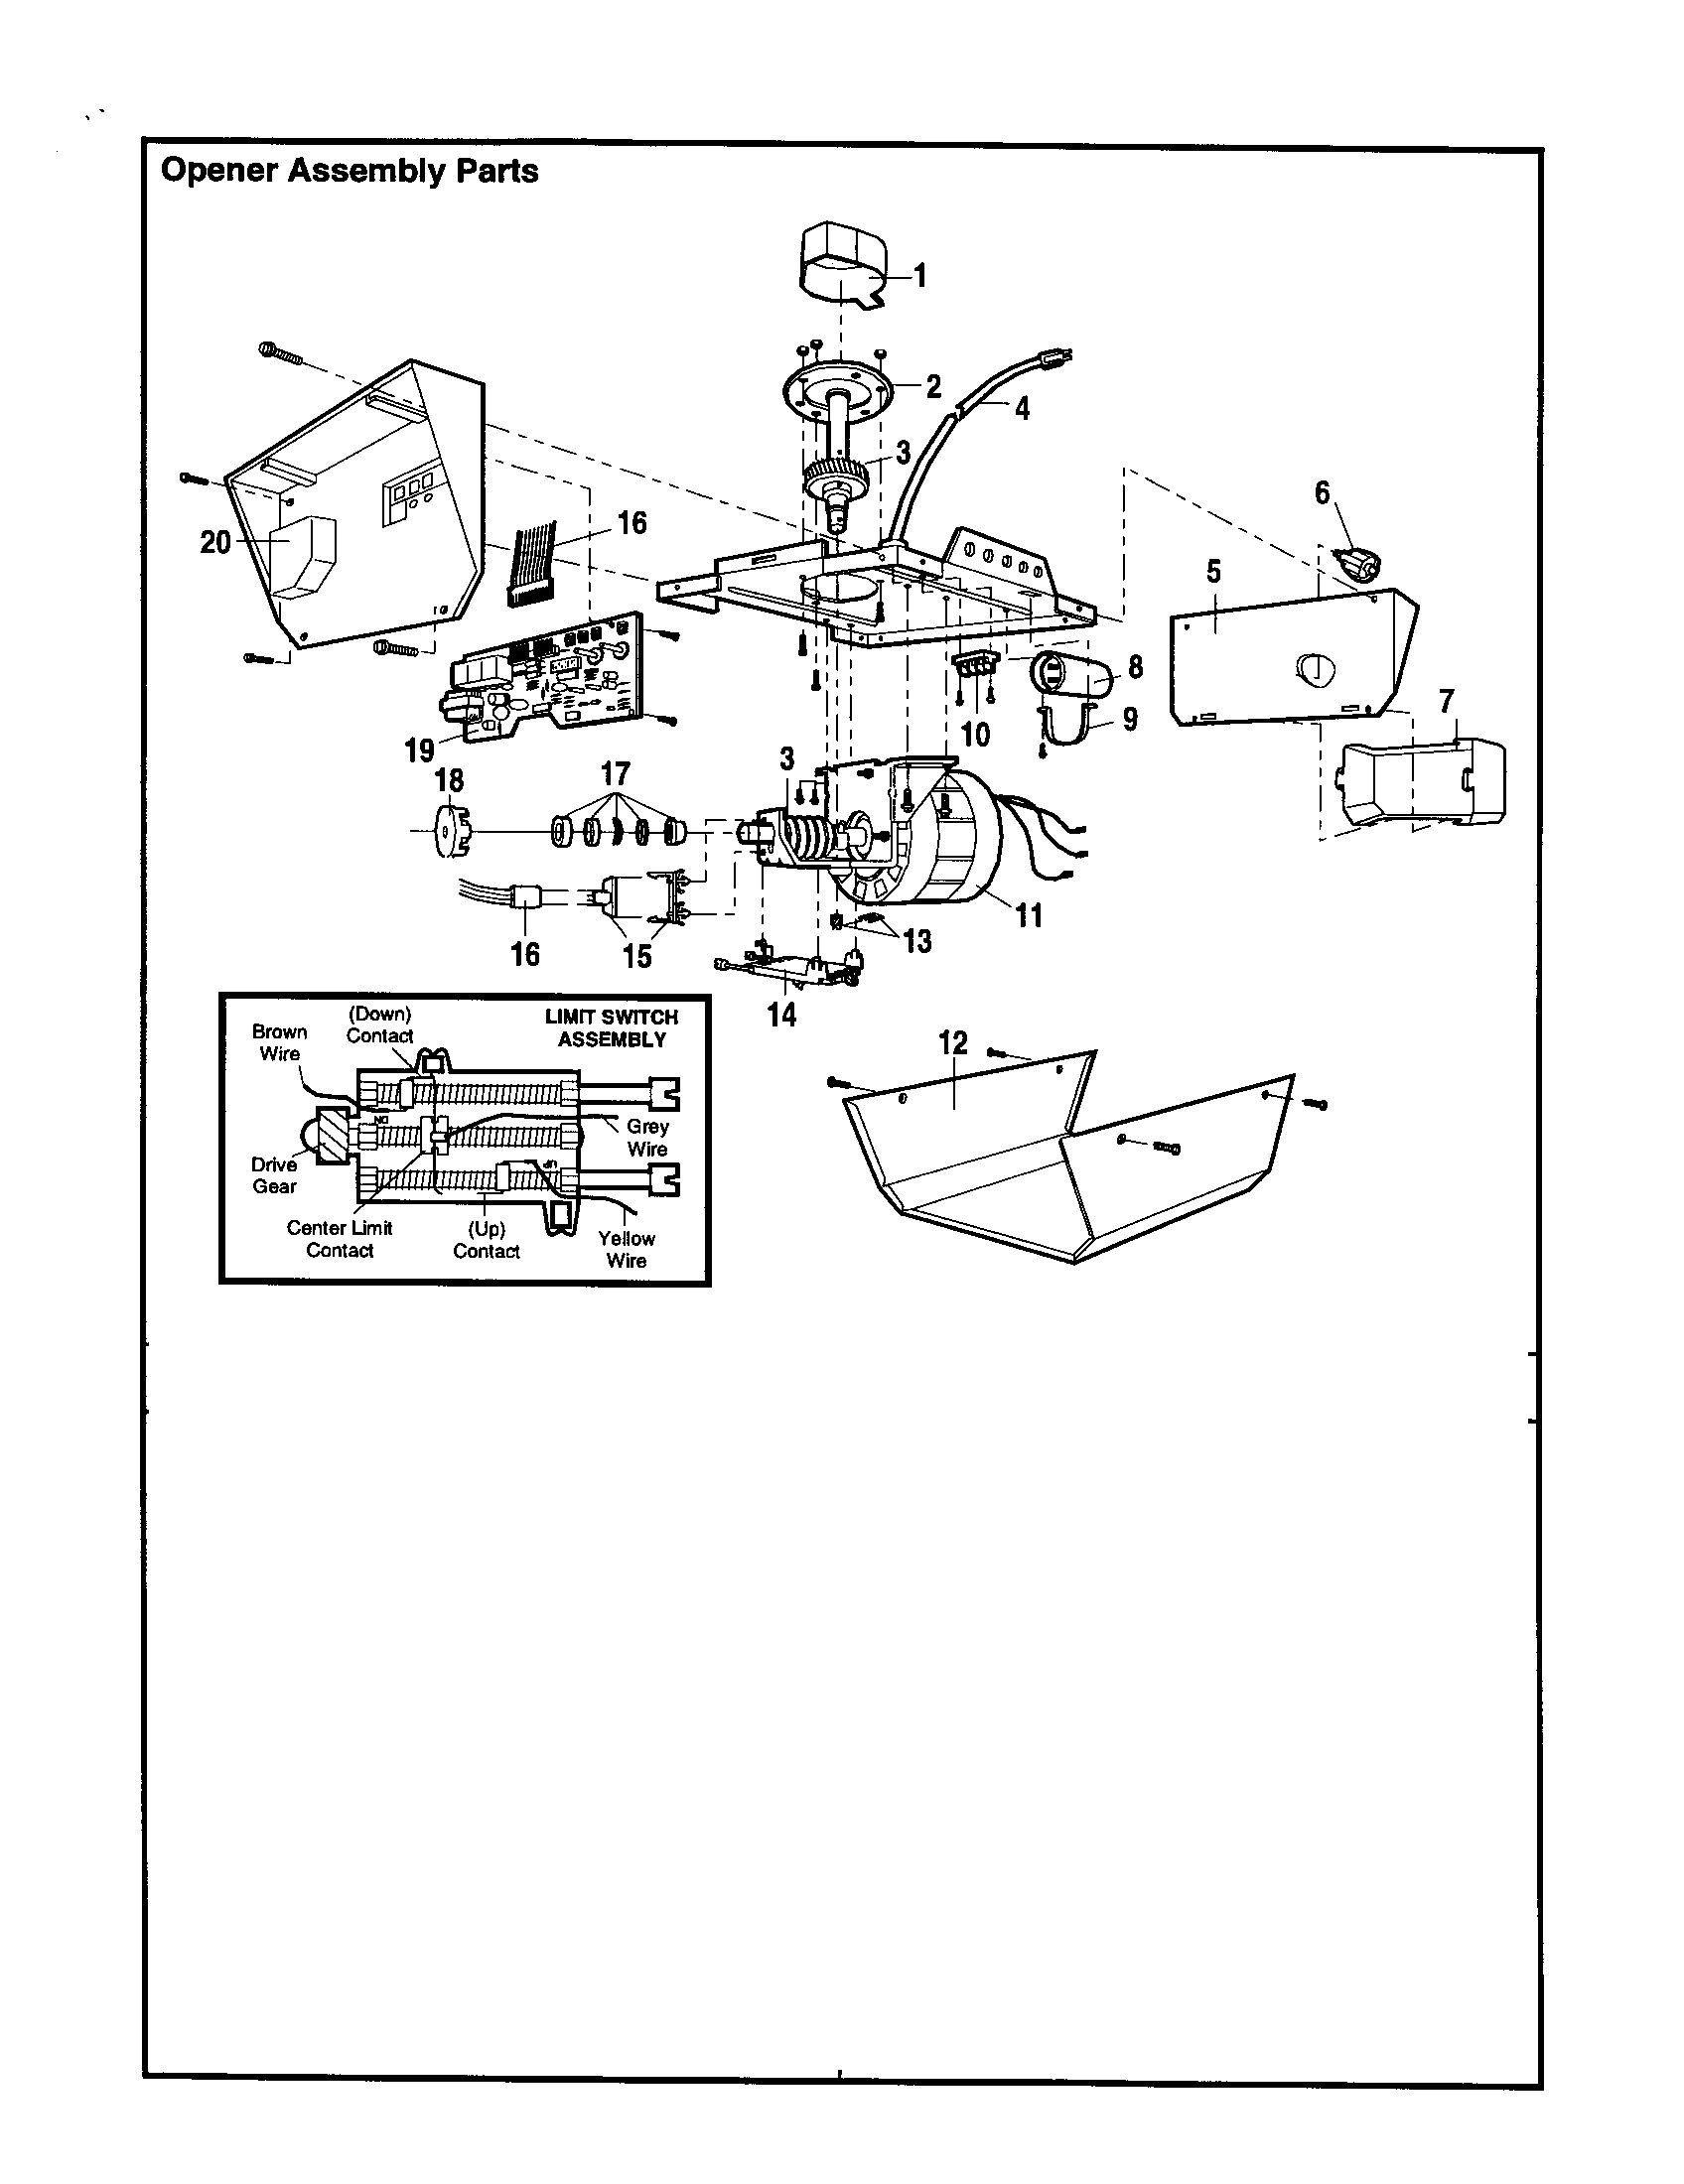 Garage Electrical Wiring Diagrams